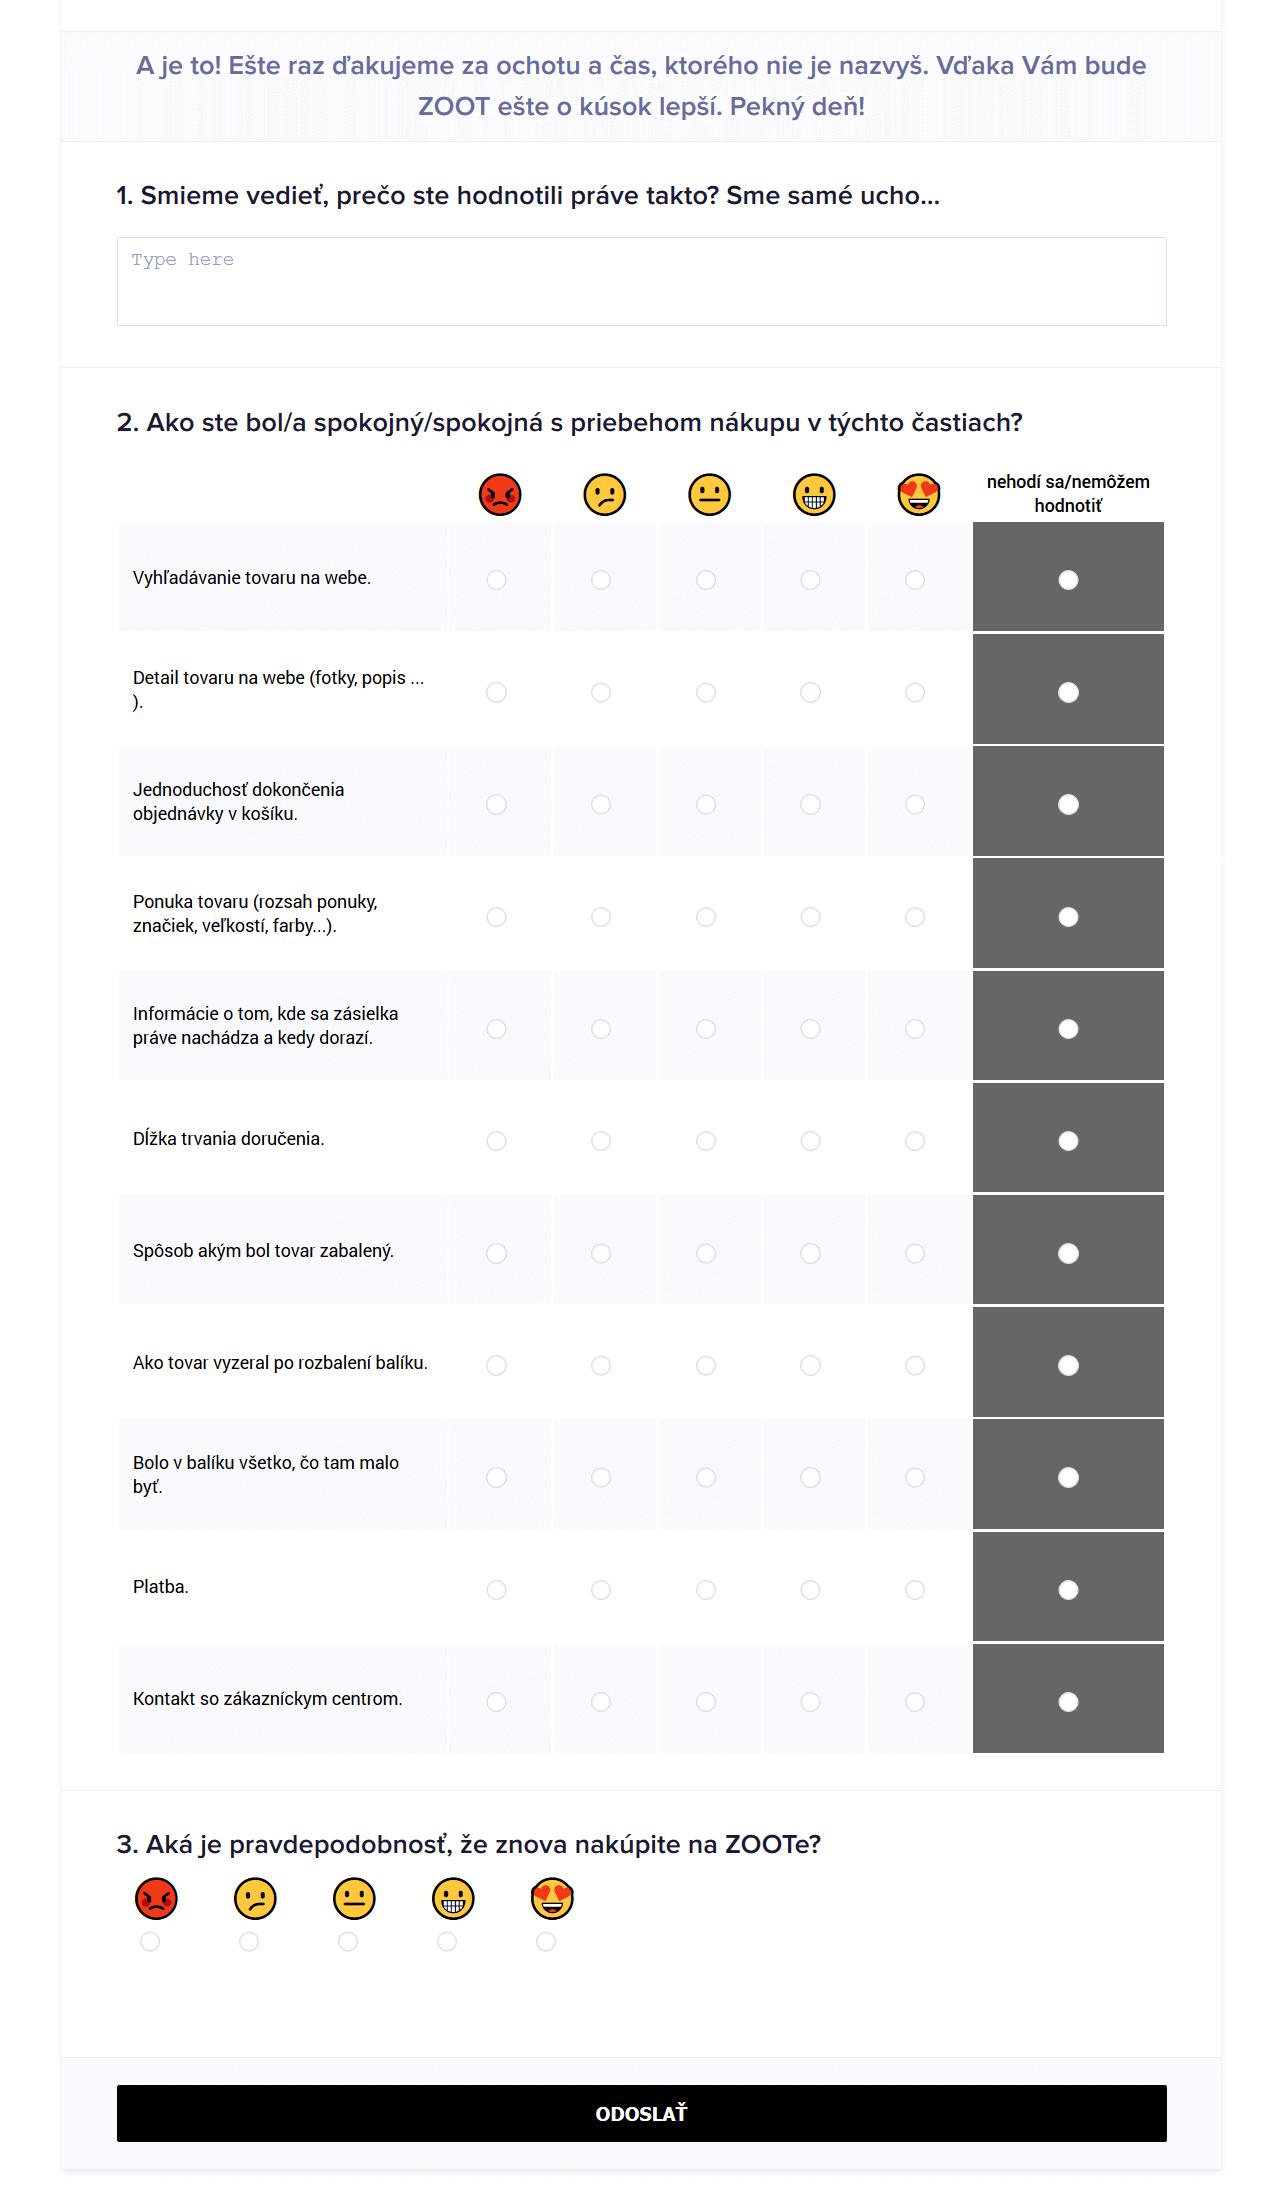 Dotazník spokojnosti s objednávkou od ZOOT